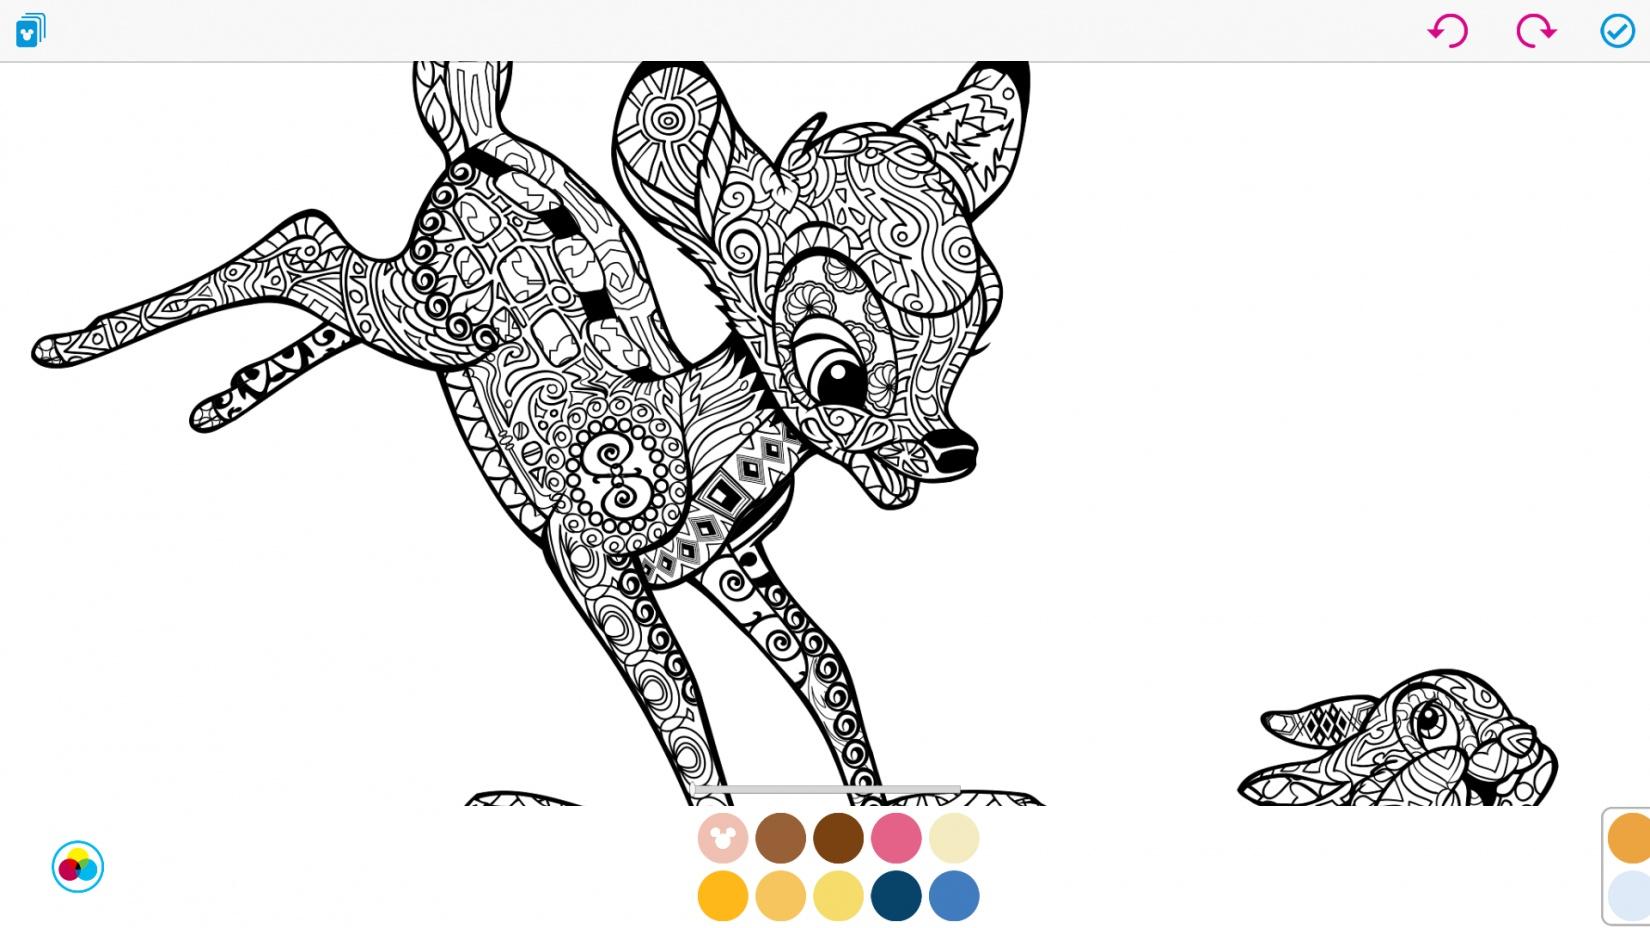 Art of coloring by disney une nouvelle application pour - Coloriage anti stress disney ...